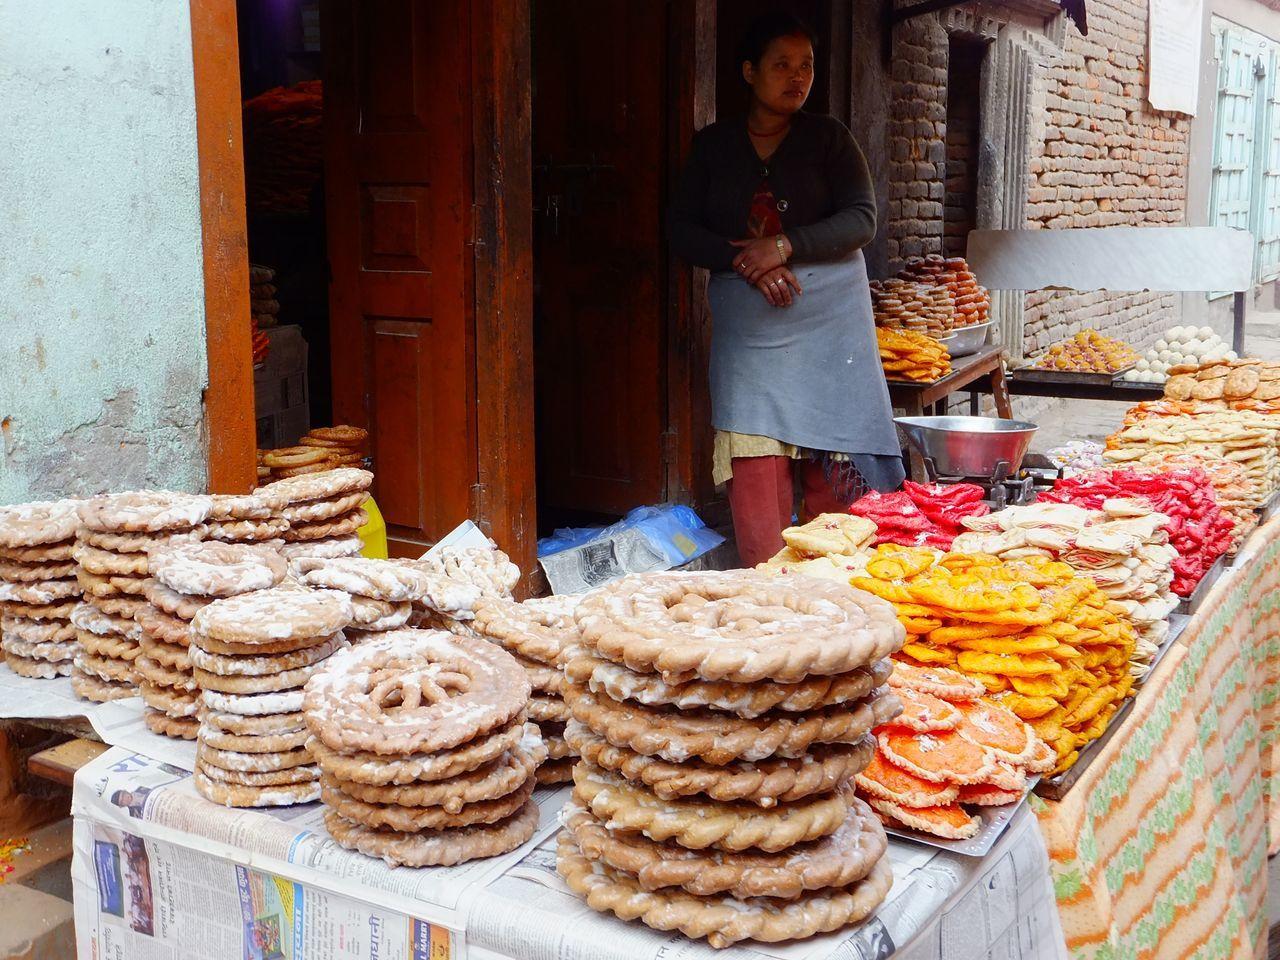 Dans les villages de Patan et Bhaktapur, quelques étals de rue proposent une multitude de gâteaux sucrés.